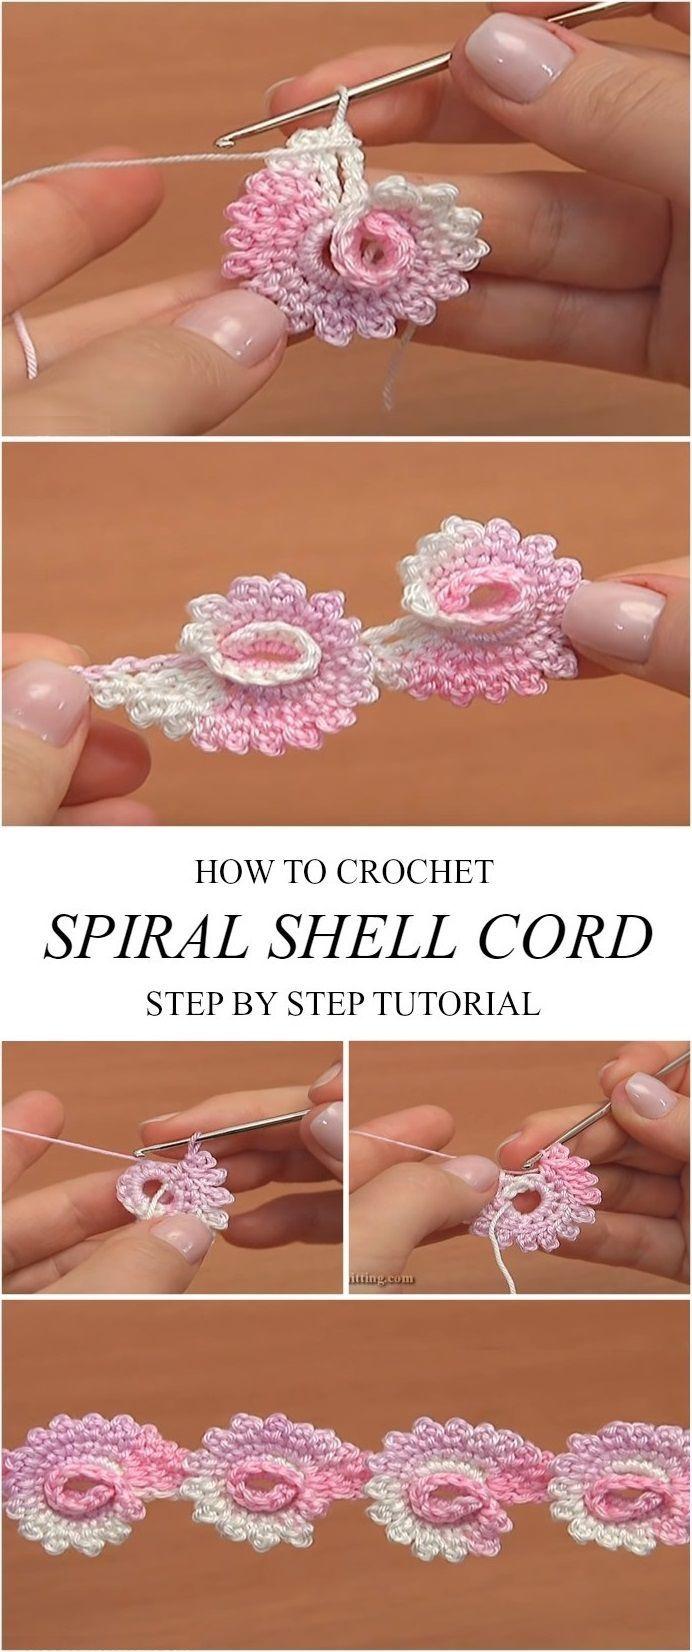 Spiral Shell Cord Häkelanleitung #crochettutorial